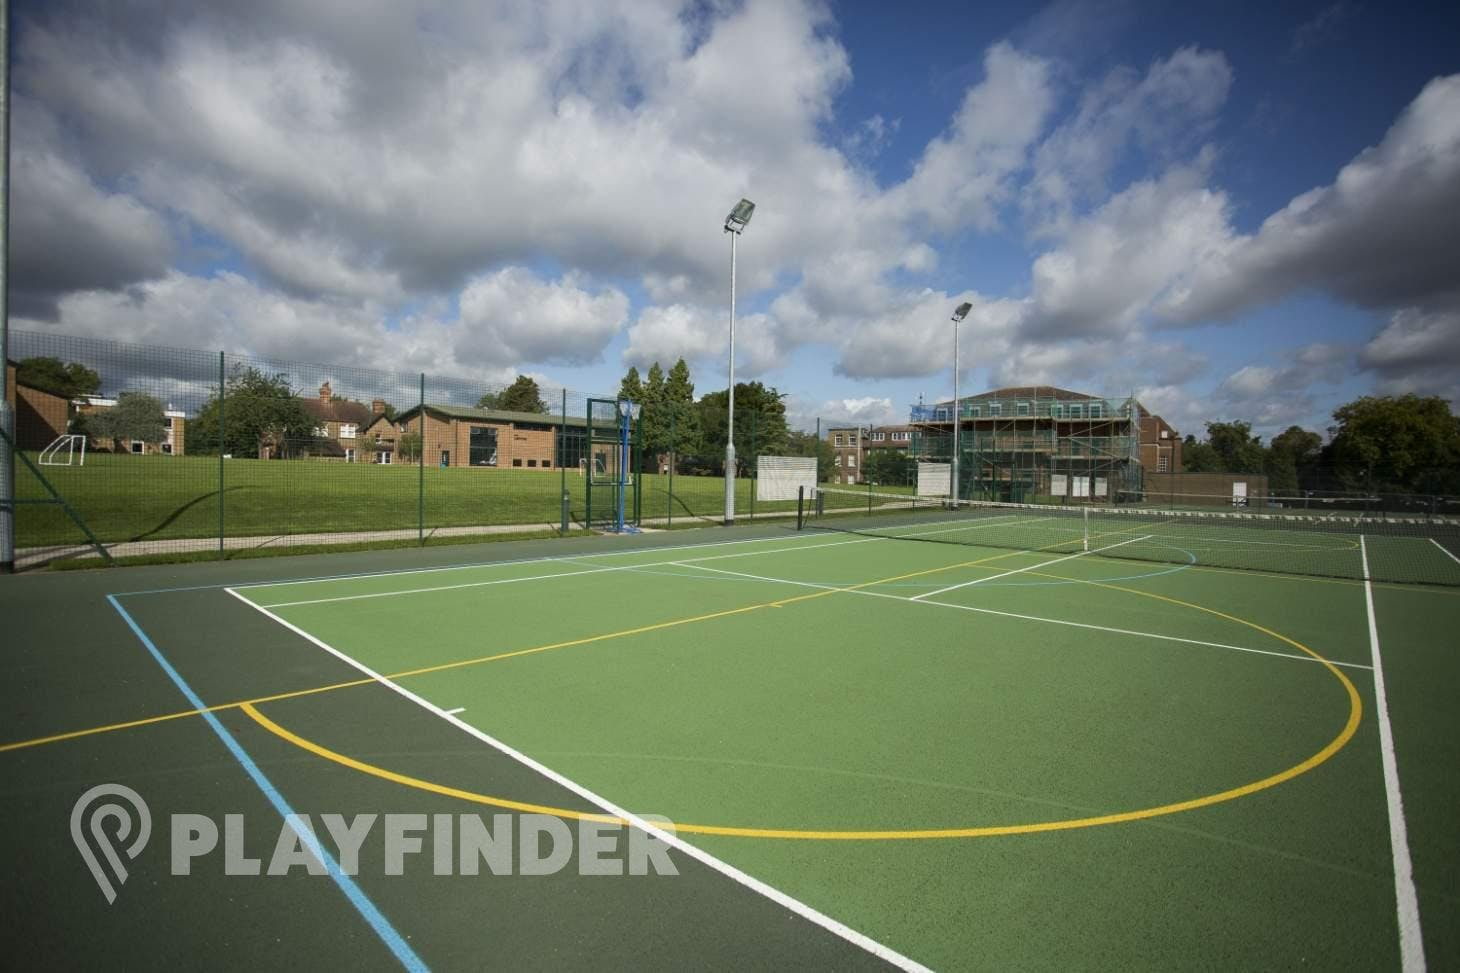 St Helen's Sports Complex Outdoor | Hard (macadam) netball court